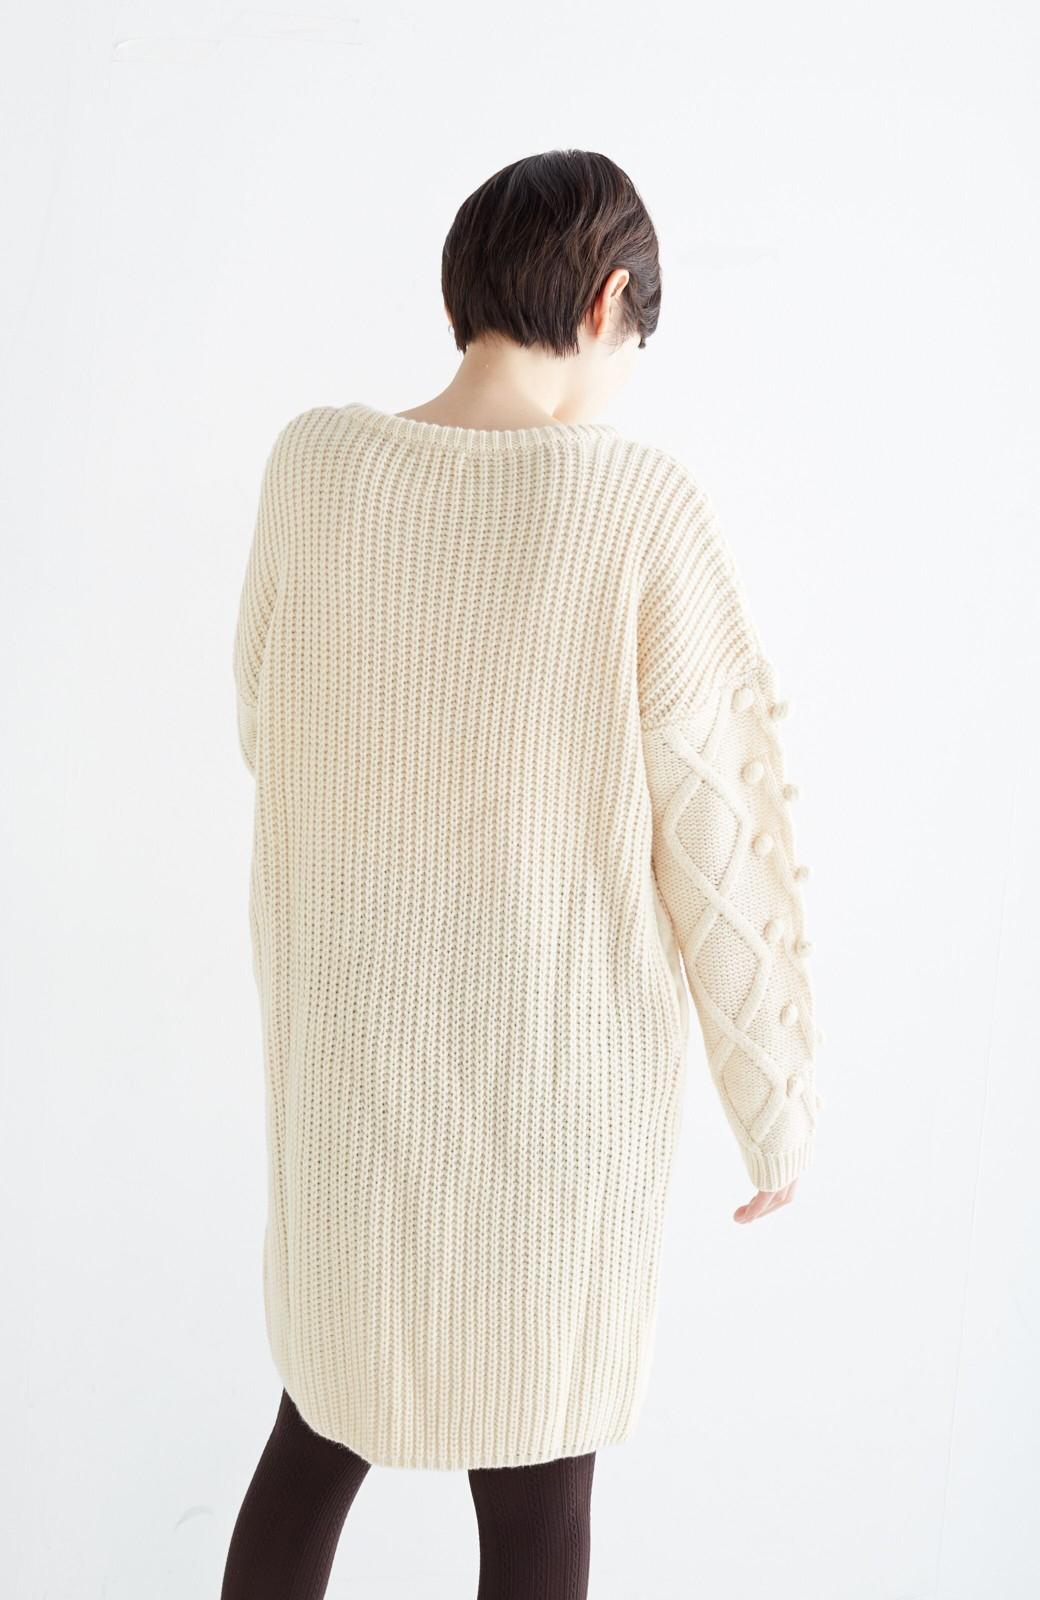 nusy パプコーン編みがかわいい おしゃれニットワンピ <ホワイト>の商品写真20